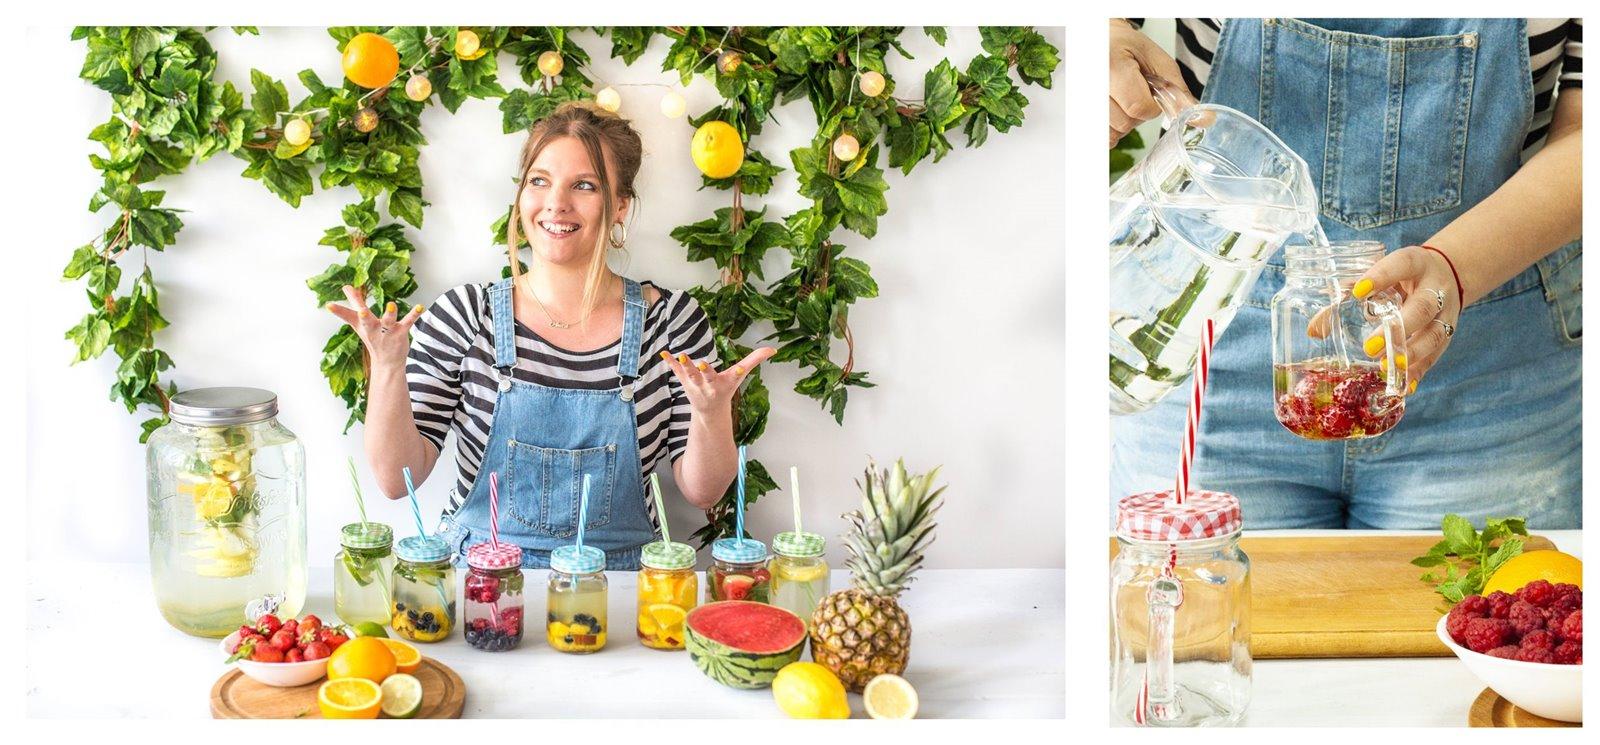 12 pomysły na urodziny na przyjęcie przyjeciele słoiki tumblr friends pinterest słoiki inspiracje lemoniada bez cytryny arbuz jak zrobić lemoniady napoje słodkie wakacje lato przepis kulinaria kuchnia łódź blog